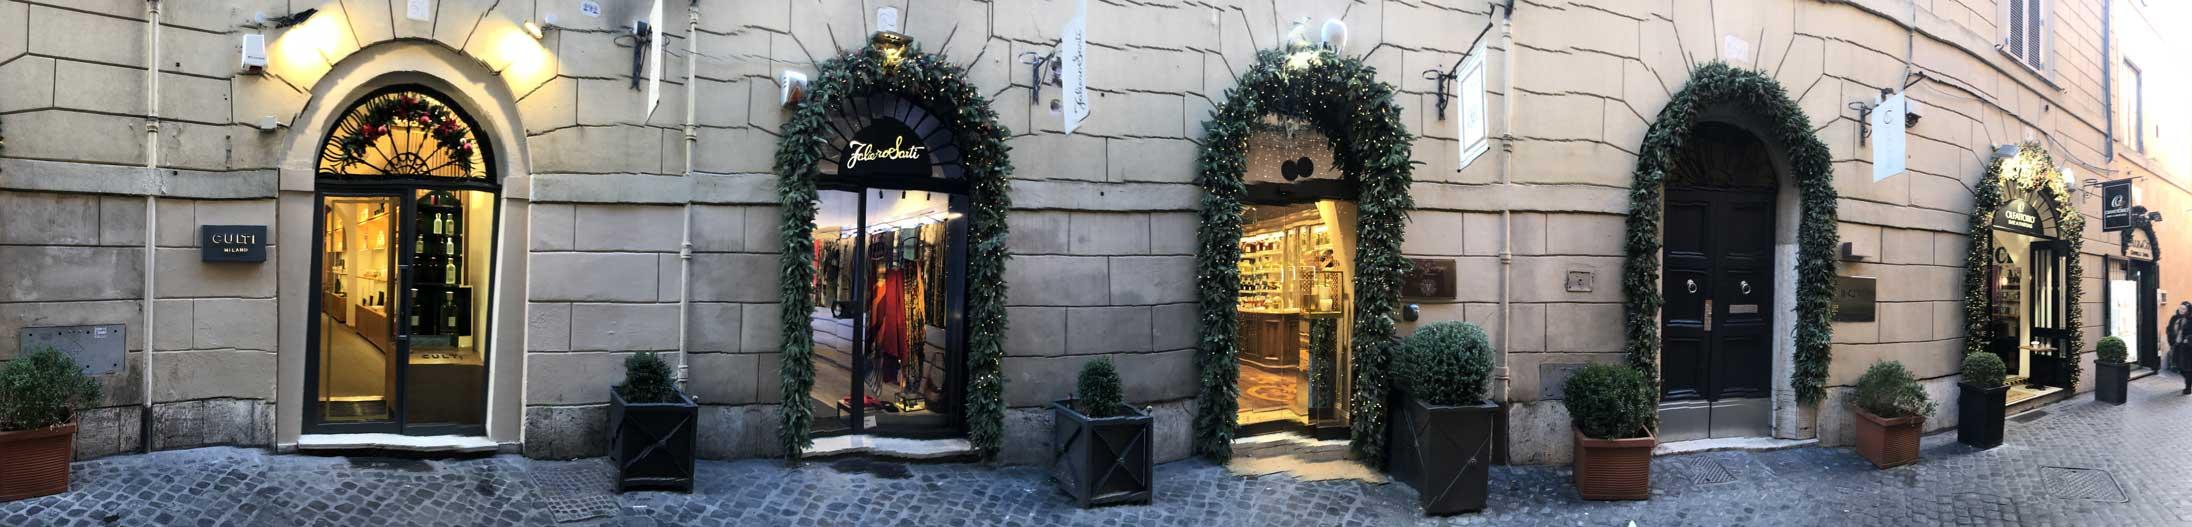 Via Vittoria Roma, Profumi del lusso